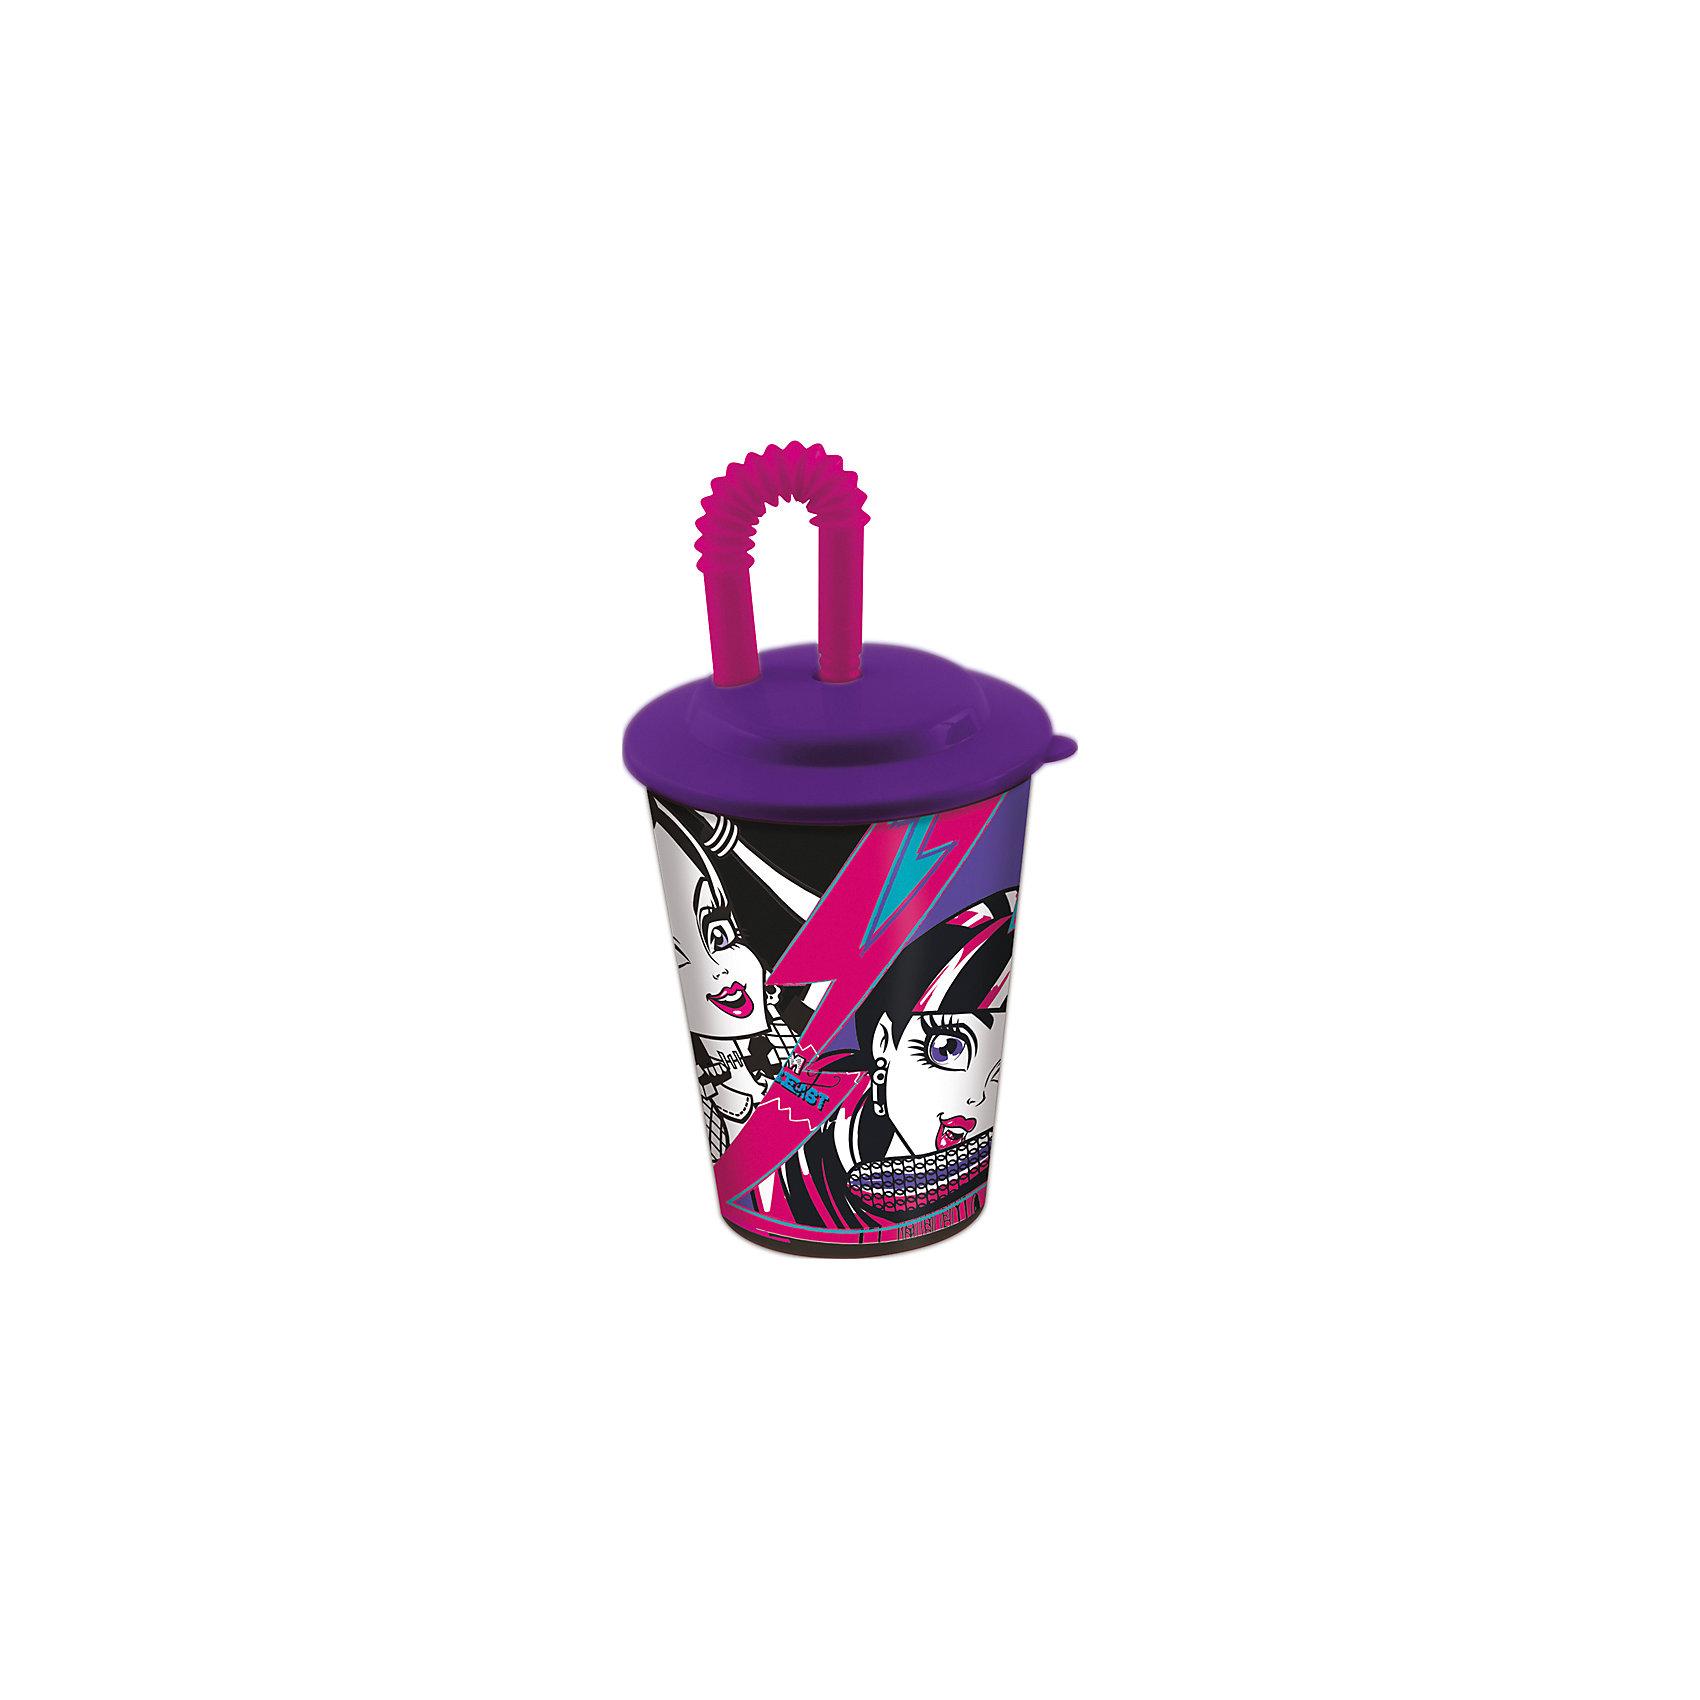 Бокал Monster HIgh 450 мл с крышкой и трубочкойБокал Monster High 450 мл с крышкой и трубочкой - это отличный подарок для поклонницы мультсериала Школа Монстров.<br>Бокал Monster High выполнен из полипропилена и оформлен с изображением учениц школы Монстров. Бокал плотно закрывается крышкой с отверстием в центре для трубочки. Кончик гофрированной трубочки убирается в дополнительное отверстие в крышке, что исключает попадание пыли и грязи в содержимое стакана и предотвращает проливание жидкости. Не подходит для использования в посудомоечной машине и СВЧ-печи.<br><br>Дополнительная информация:<br><br>- Объем: 450 мл.<br>- Материал: полипропилен<br>- Цвет: синий<br>- Размер упаковки: 9х9х17 см.<br><br>Бокал Monster High 450 мл с крышкой и трубочкой можно купить в нашем интернет-магазине.<br><br>Ширина мм: 95<br>Глубина мм: 95<br>Высота мм: 165<br>Вес г: 75<br>Возраст от месяцев: 36<br>Возраст до месяцев: 144<br>Пол: Женский<br>Возраст: Детский<br>SKU: 4603855